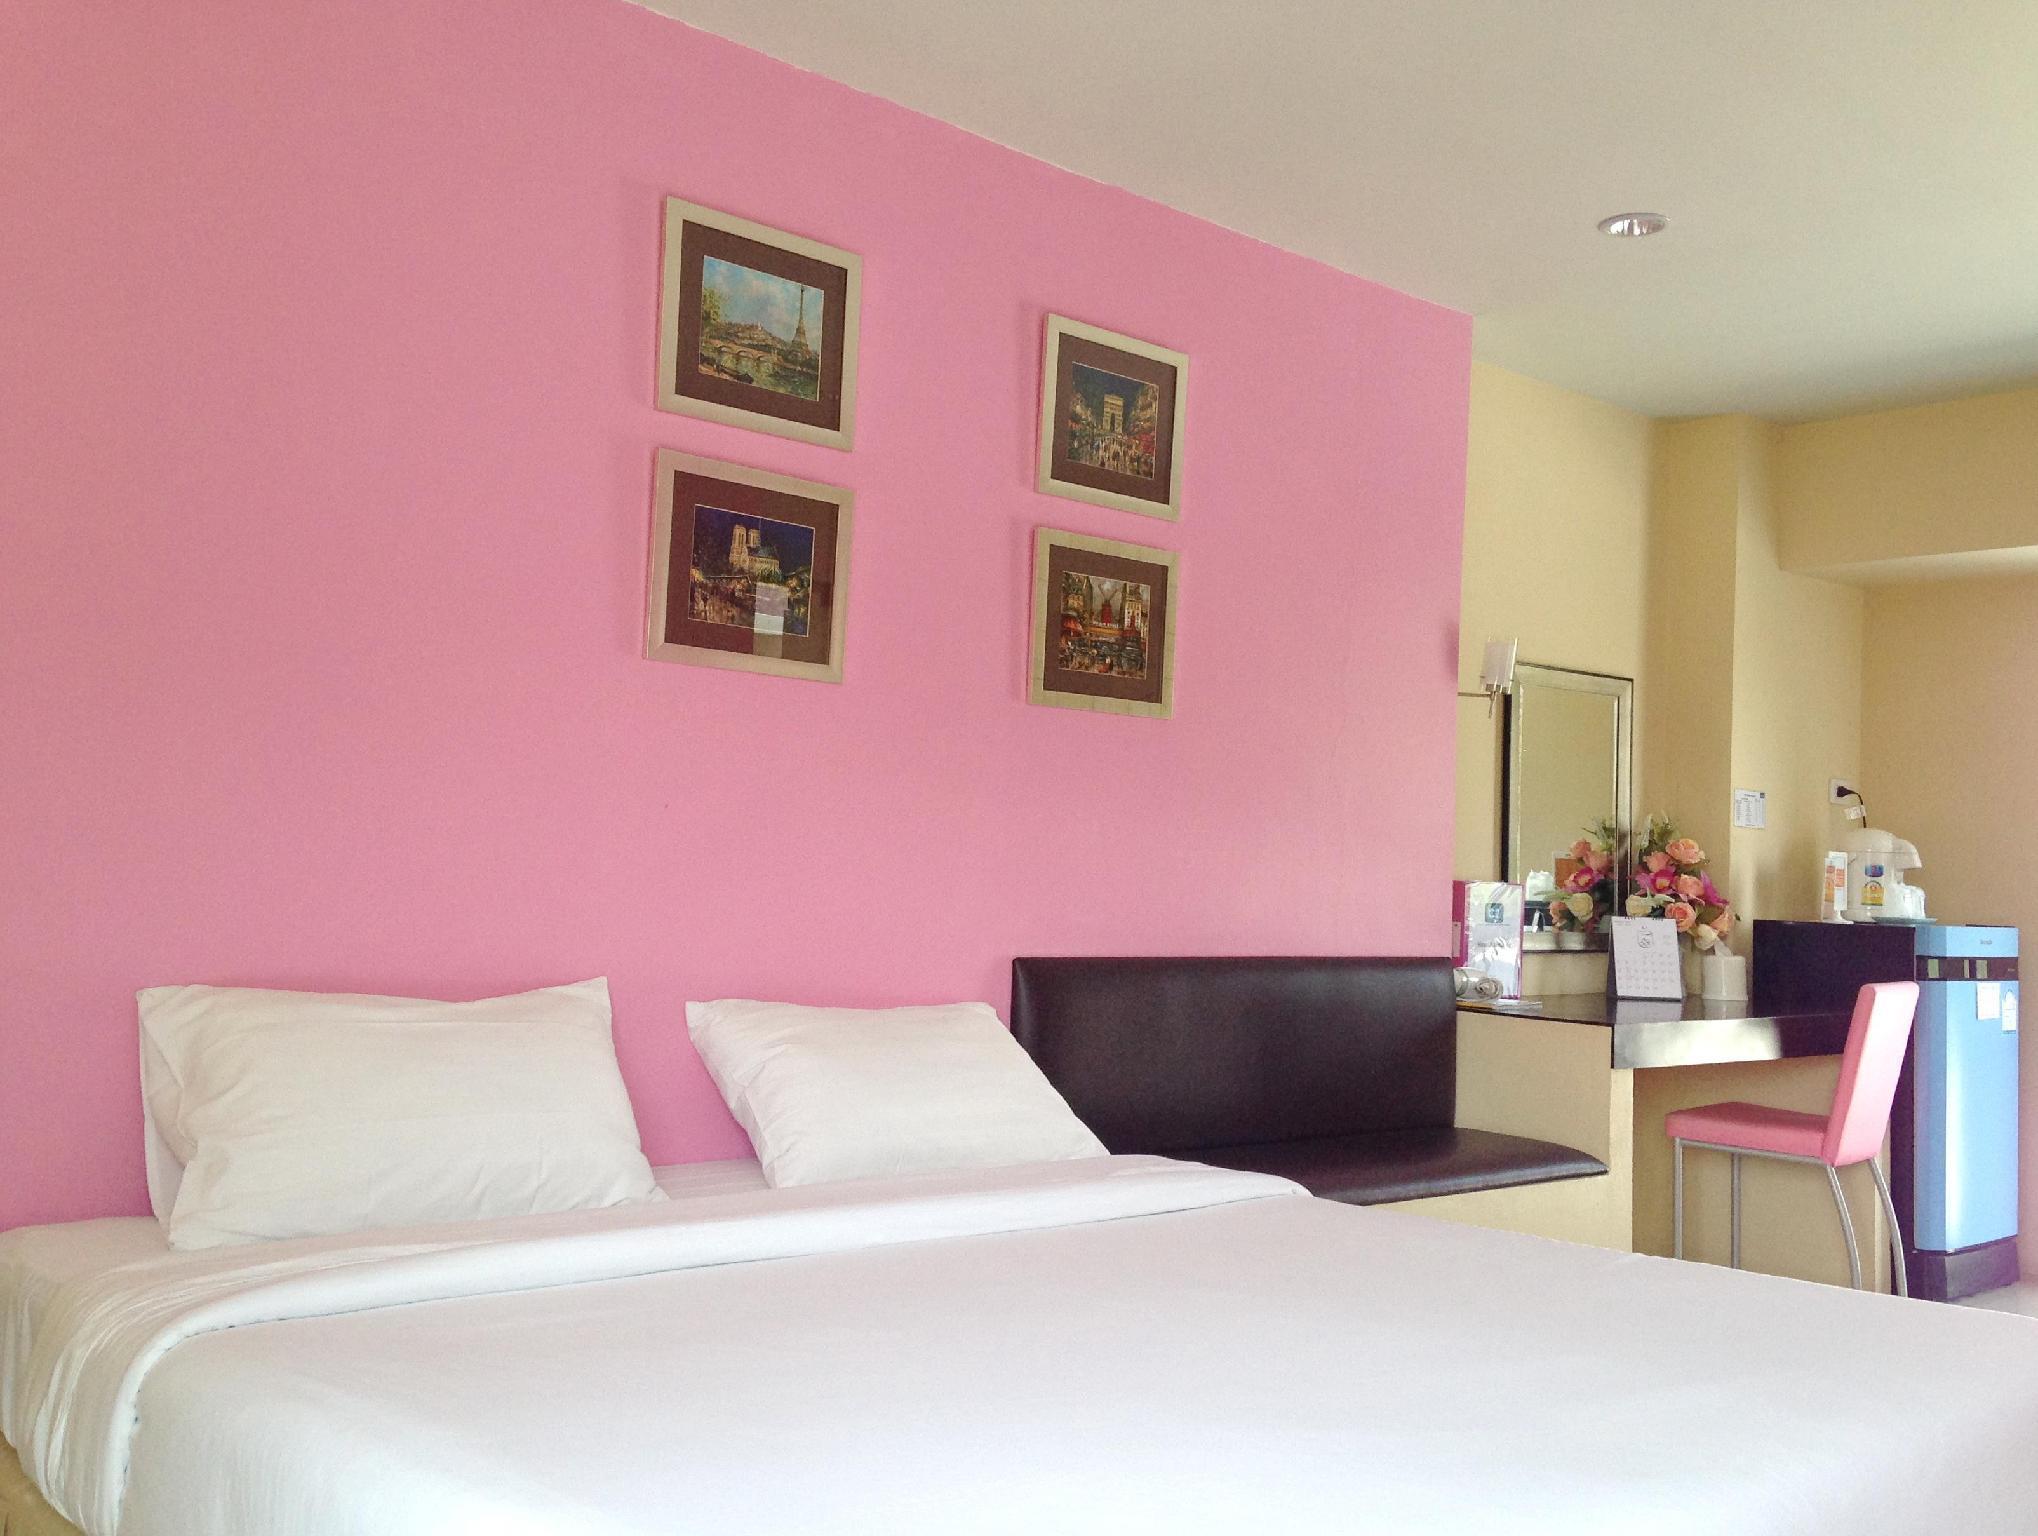 โรงแรมซีทู เรสซิเดนซ์